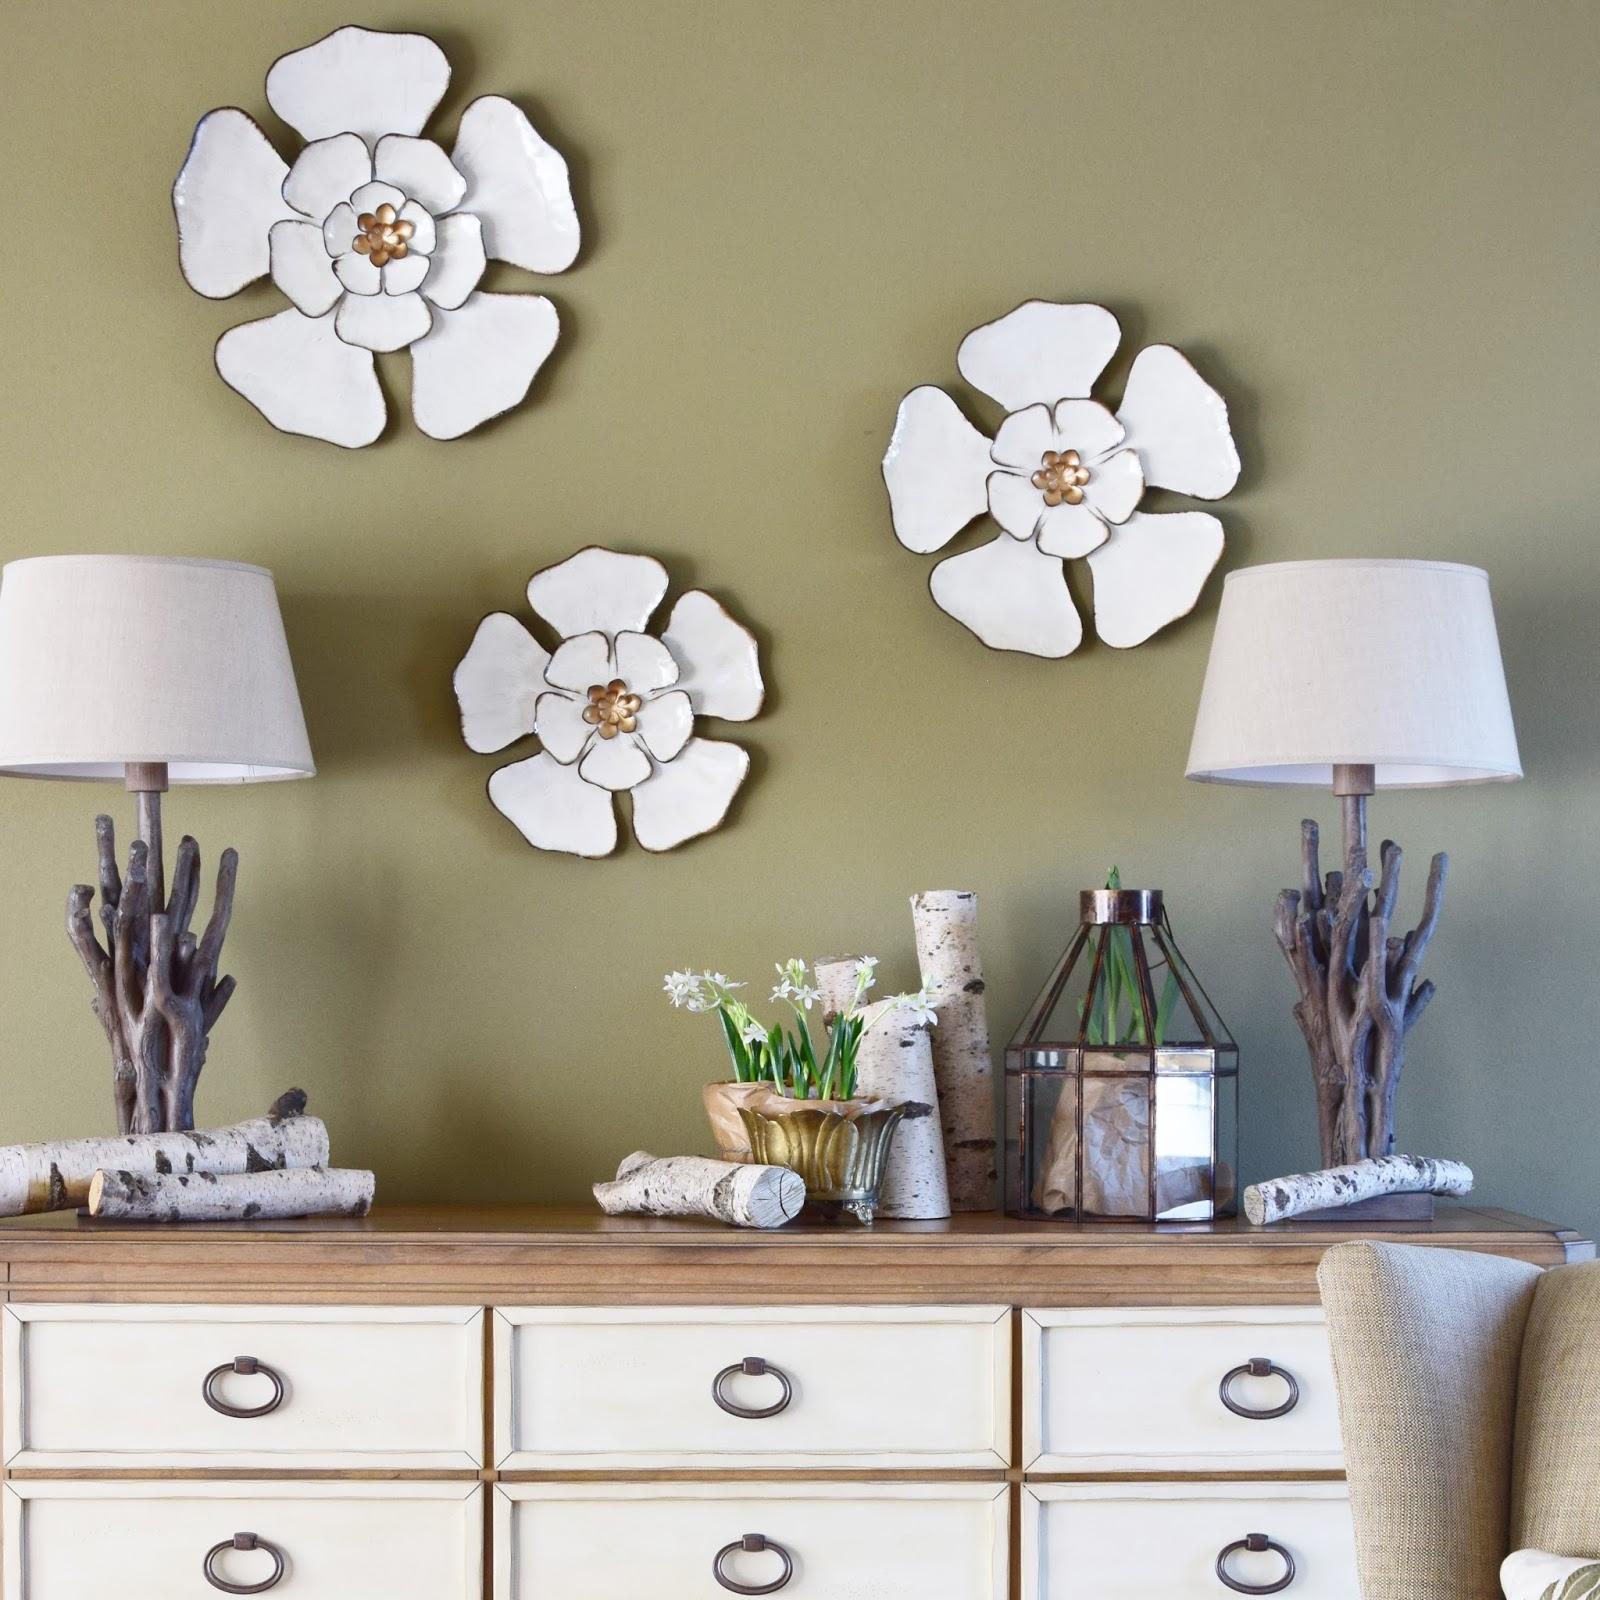 Frühlingsdeko Fürs Zuhause, Dekoidee Frühling: Blüten Aus Metall Für Die  Wand Und Frische Frühjahrbsblüher